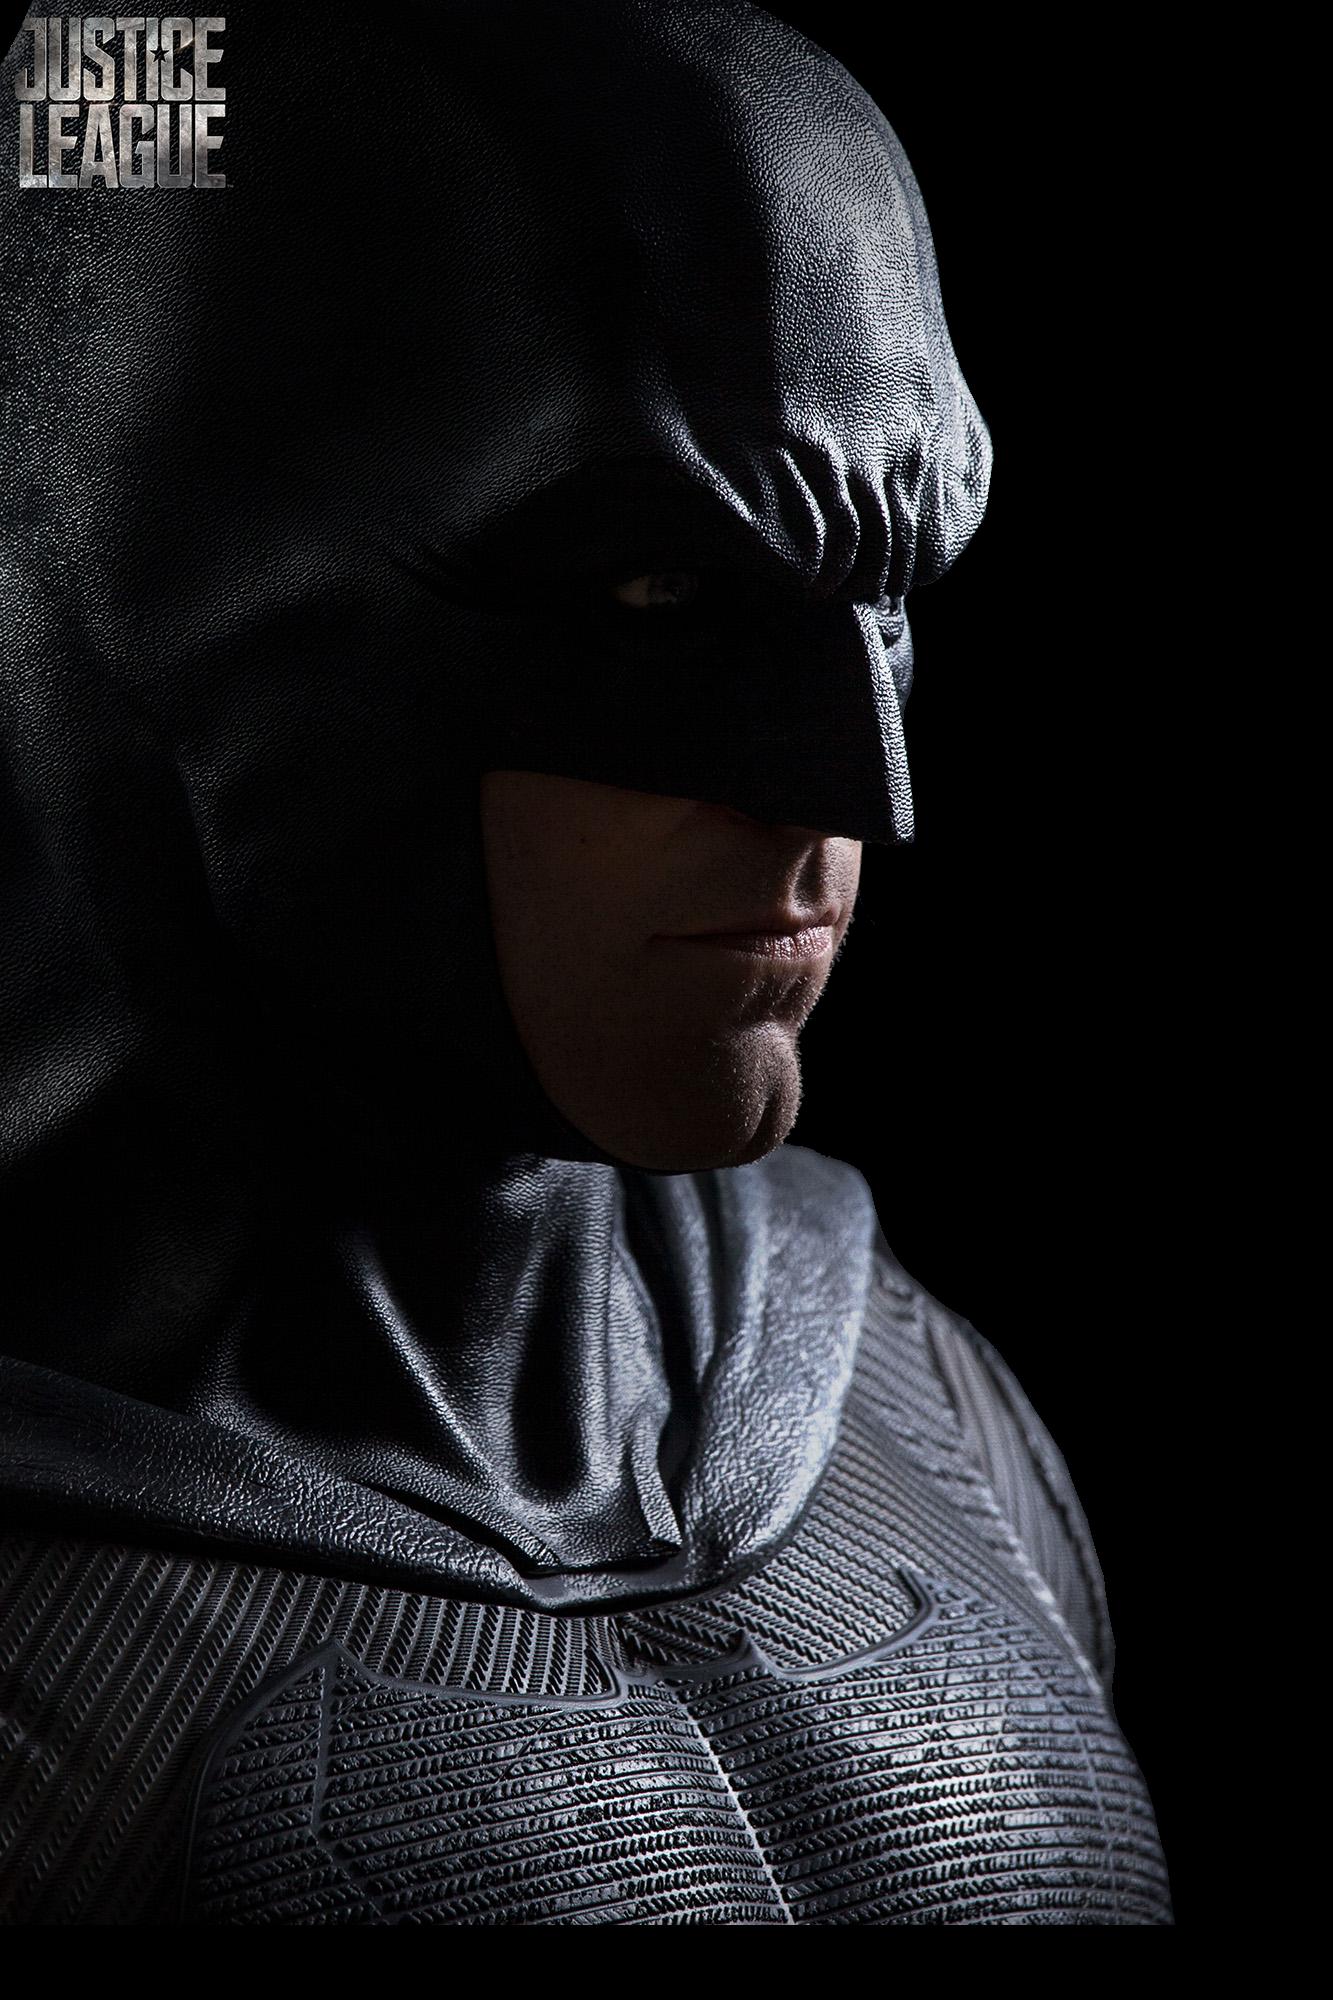 queen-studios-dc-justice-league-batman-1:1-lifesize-bust-toyslife